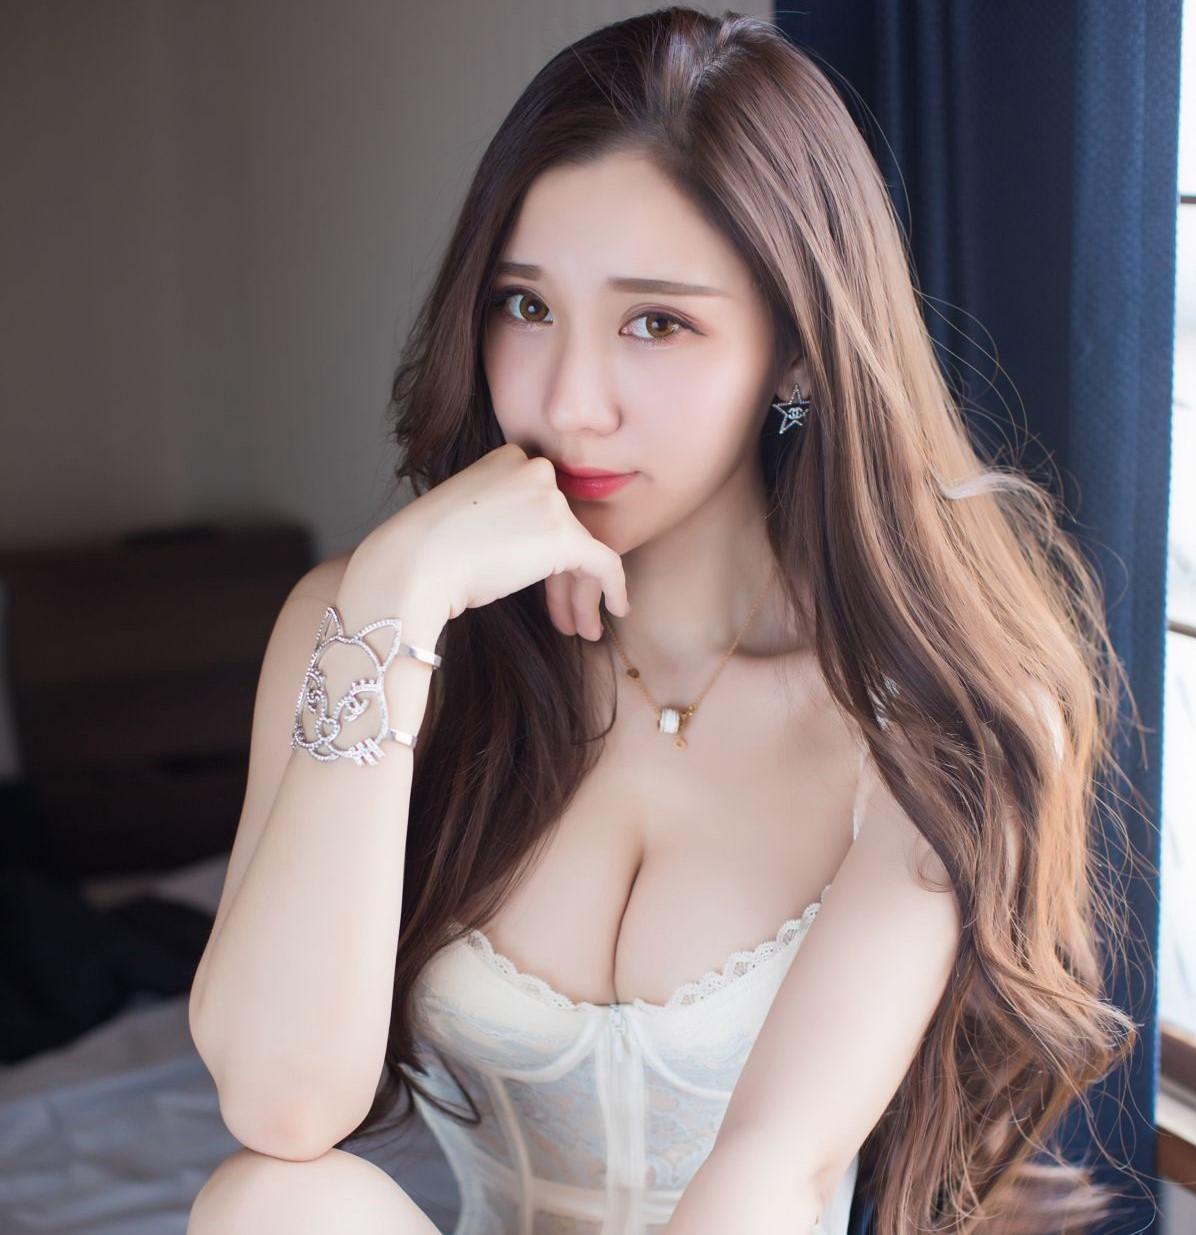 东野子乔全集:什么叫吸引力,该如何吸引女生?